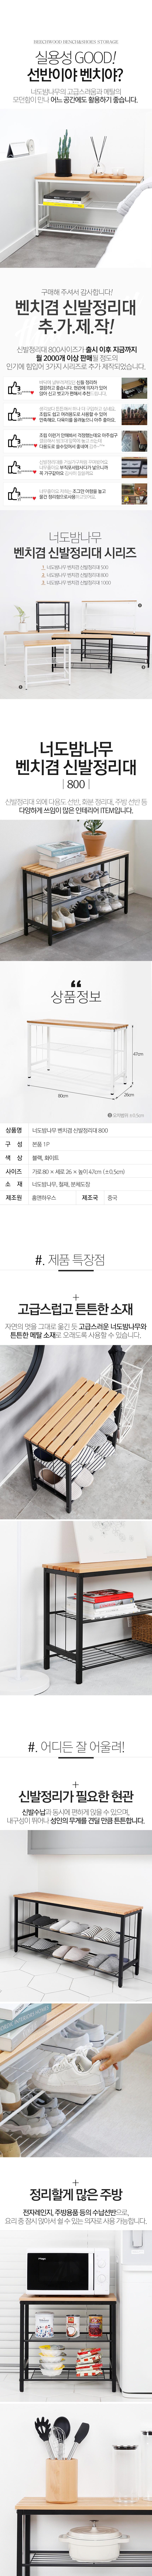 너도밤나무 벤치겸 신발정리대 800 - 홈앤하우스, 61,900원, 수납/선반장, 신발정리대/신발장